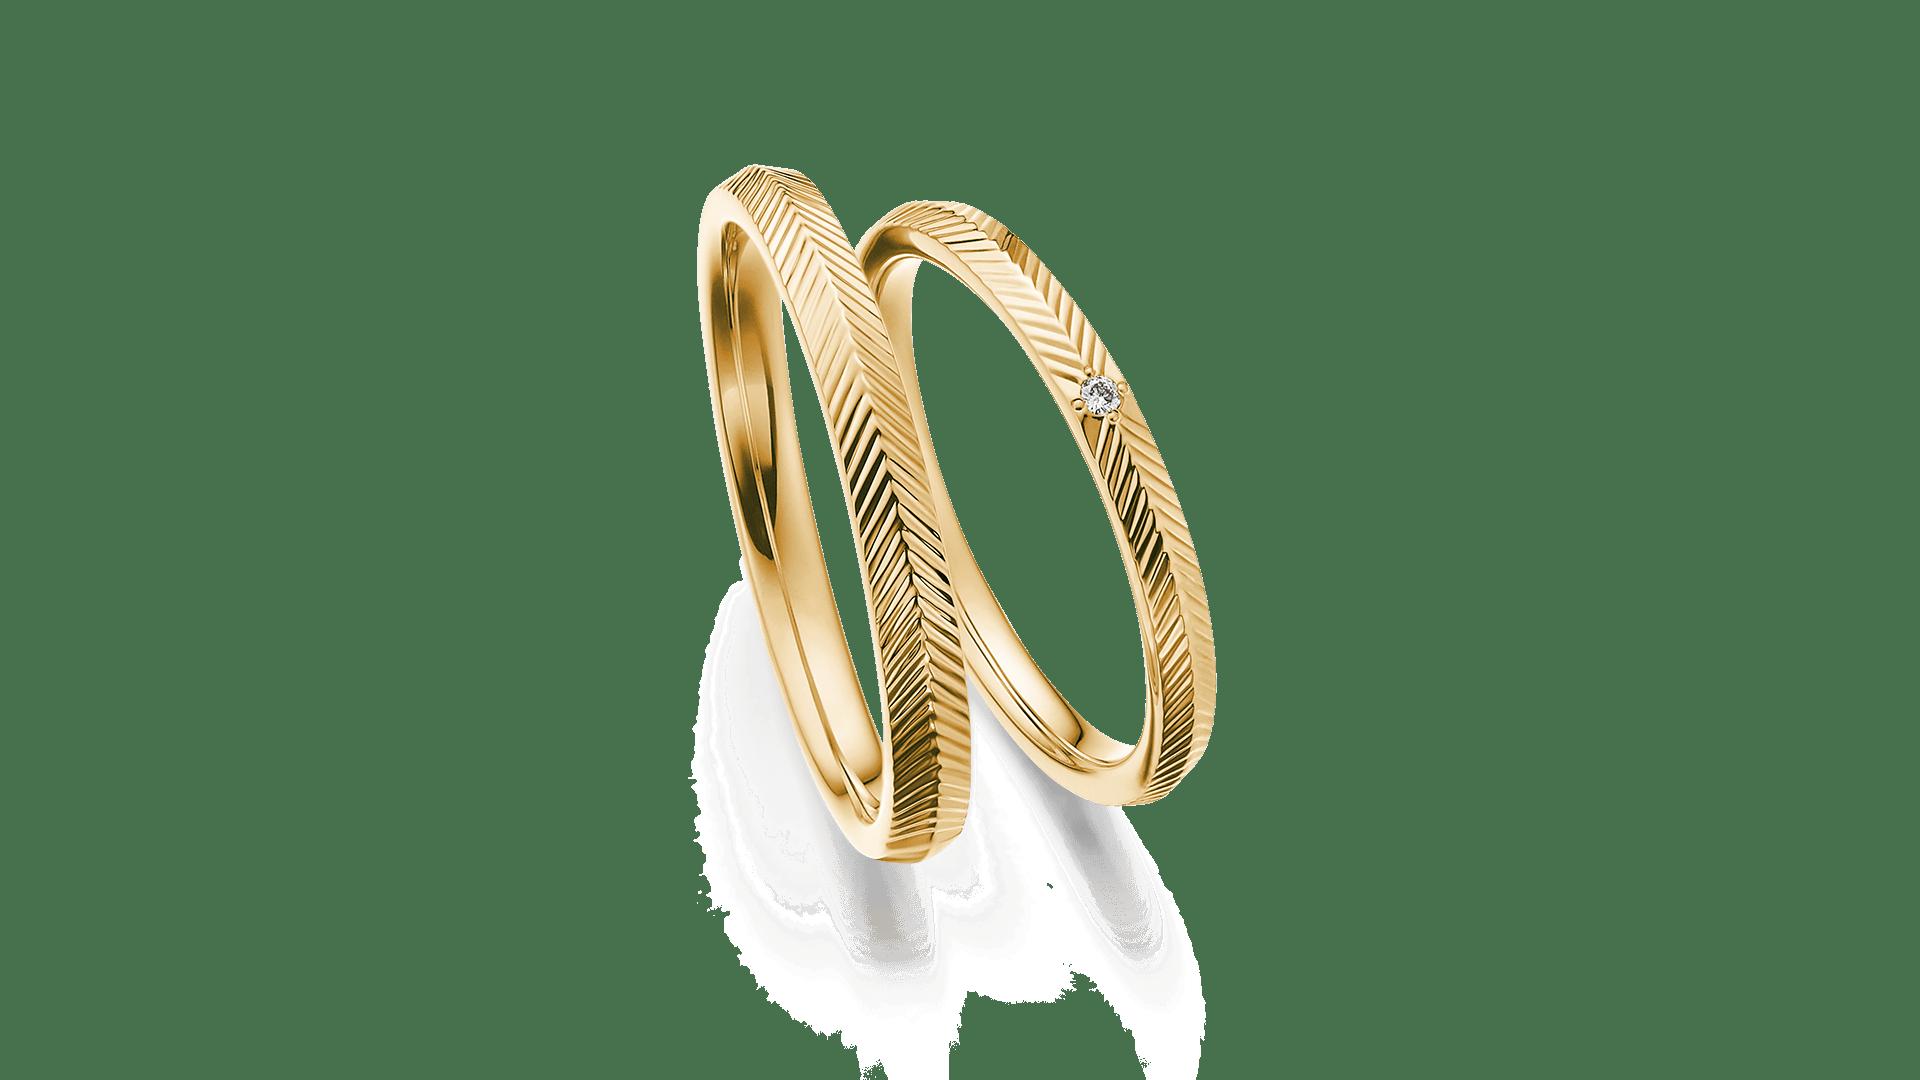 varuna ヴァルナ | 結婚指輪サムネイル 2